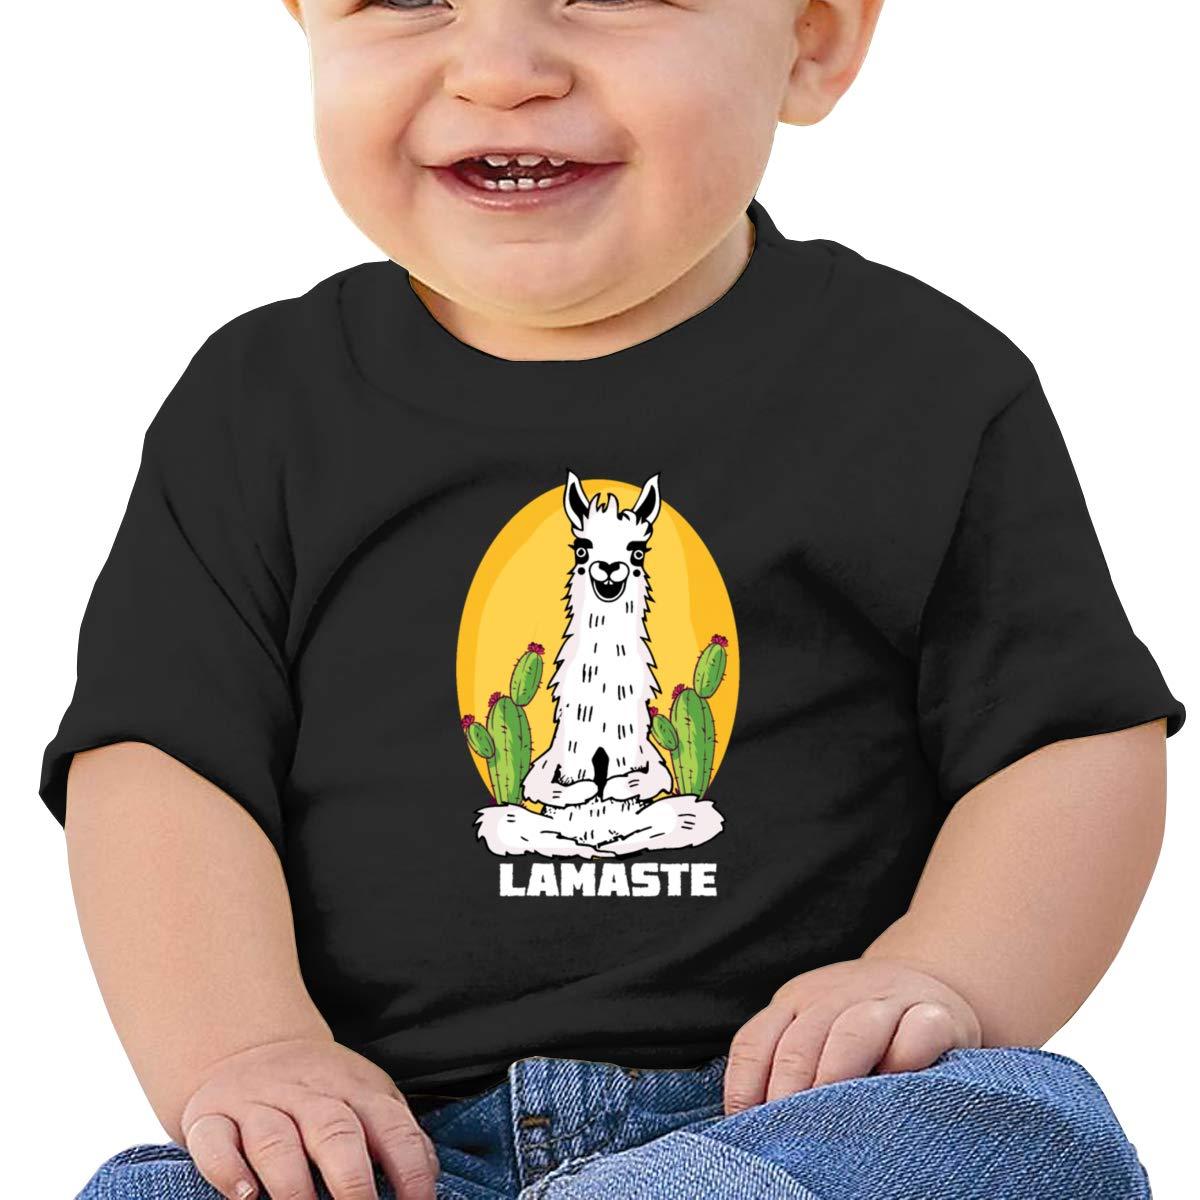 Moniery Yoga Llama Namaste Short Sleeve Shirts Baby Boy Infant